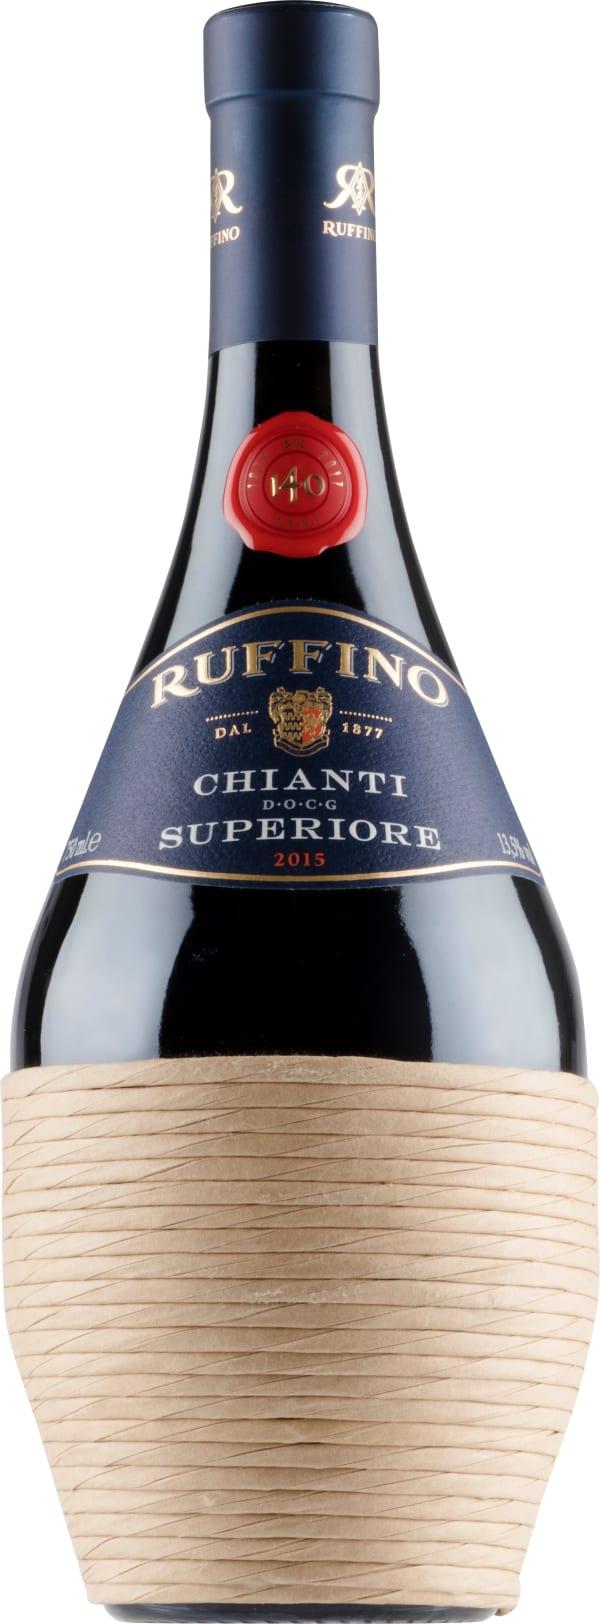 Ruffino Chianti Superiore 2018